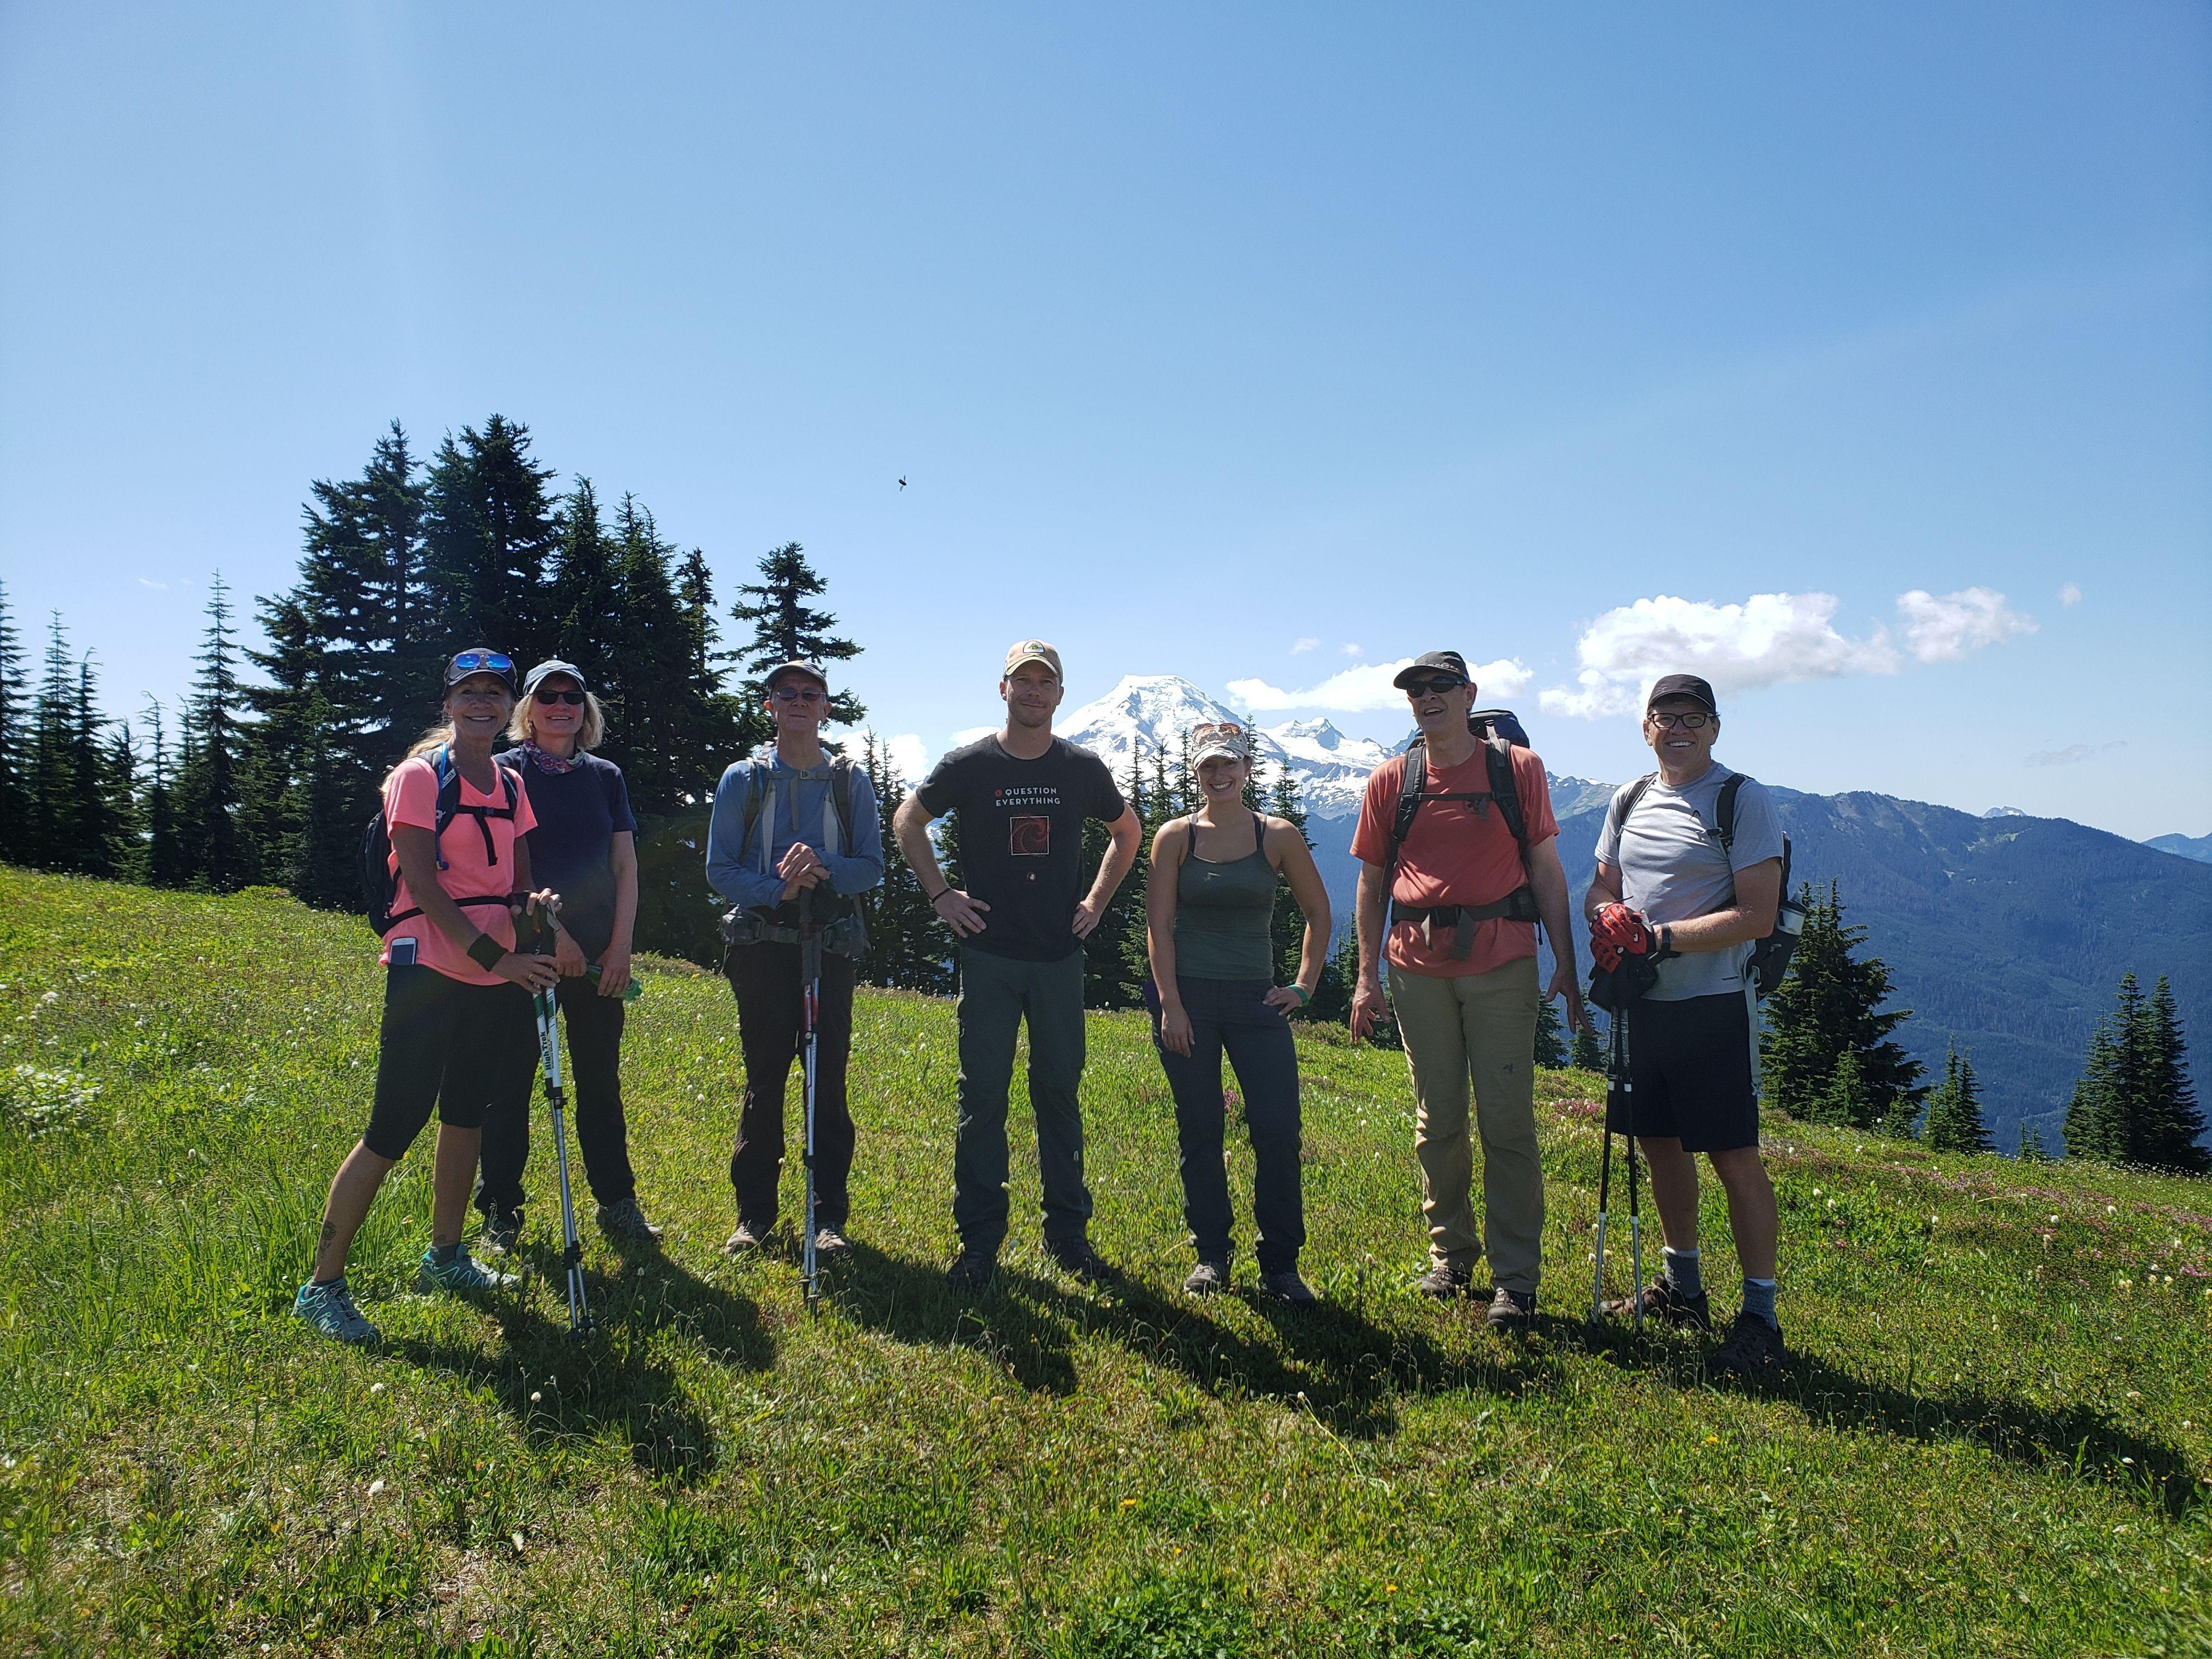 Bellingham Trails Meetup